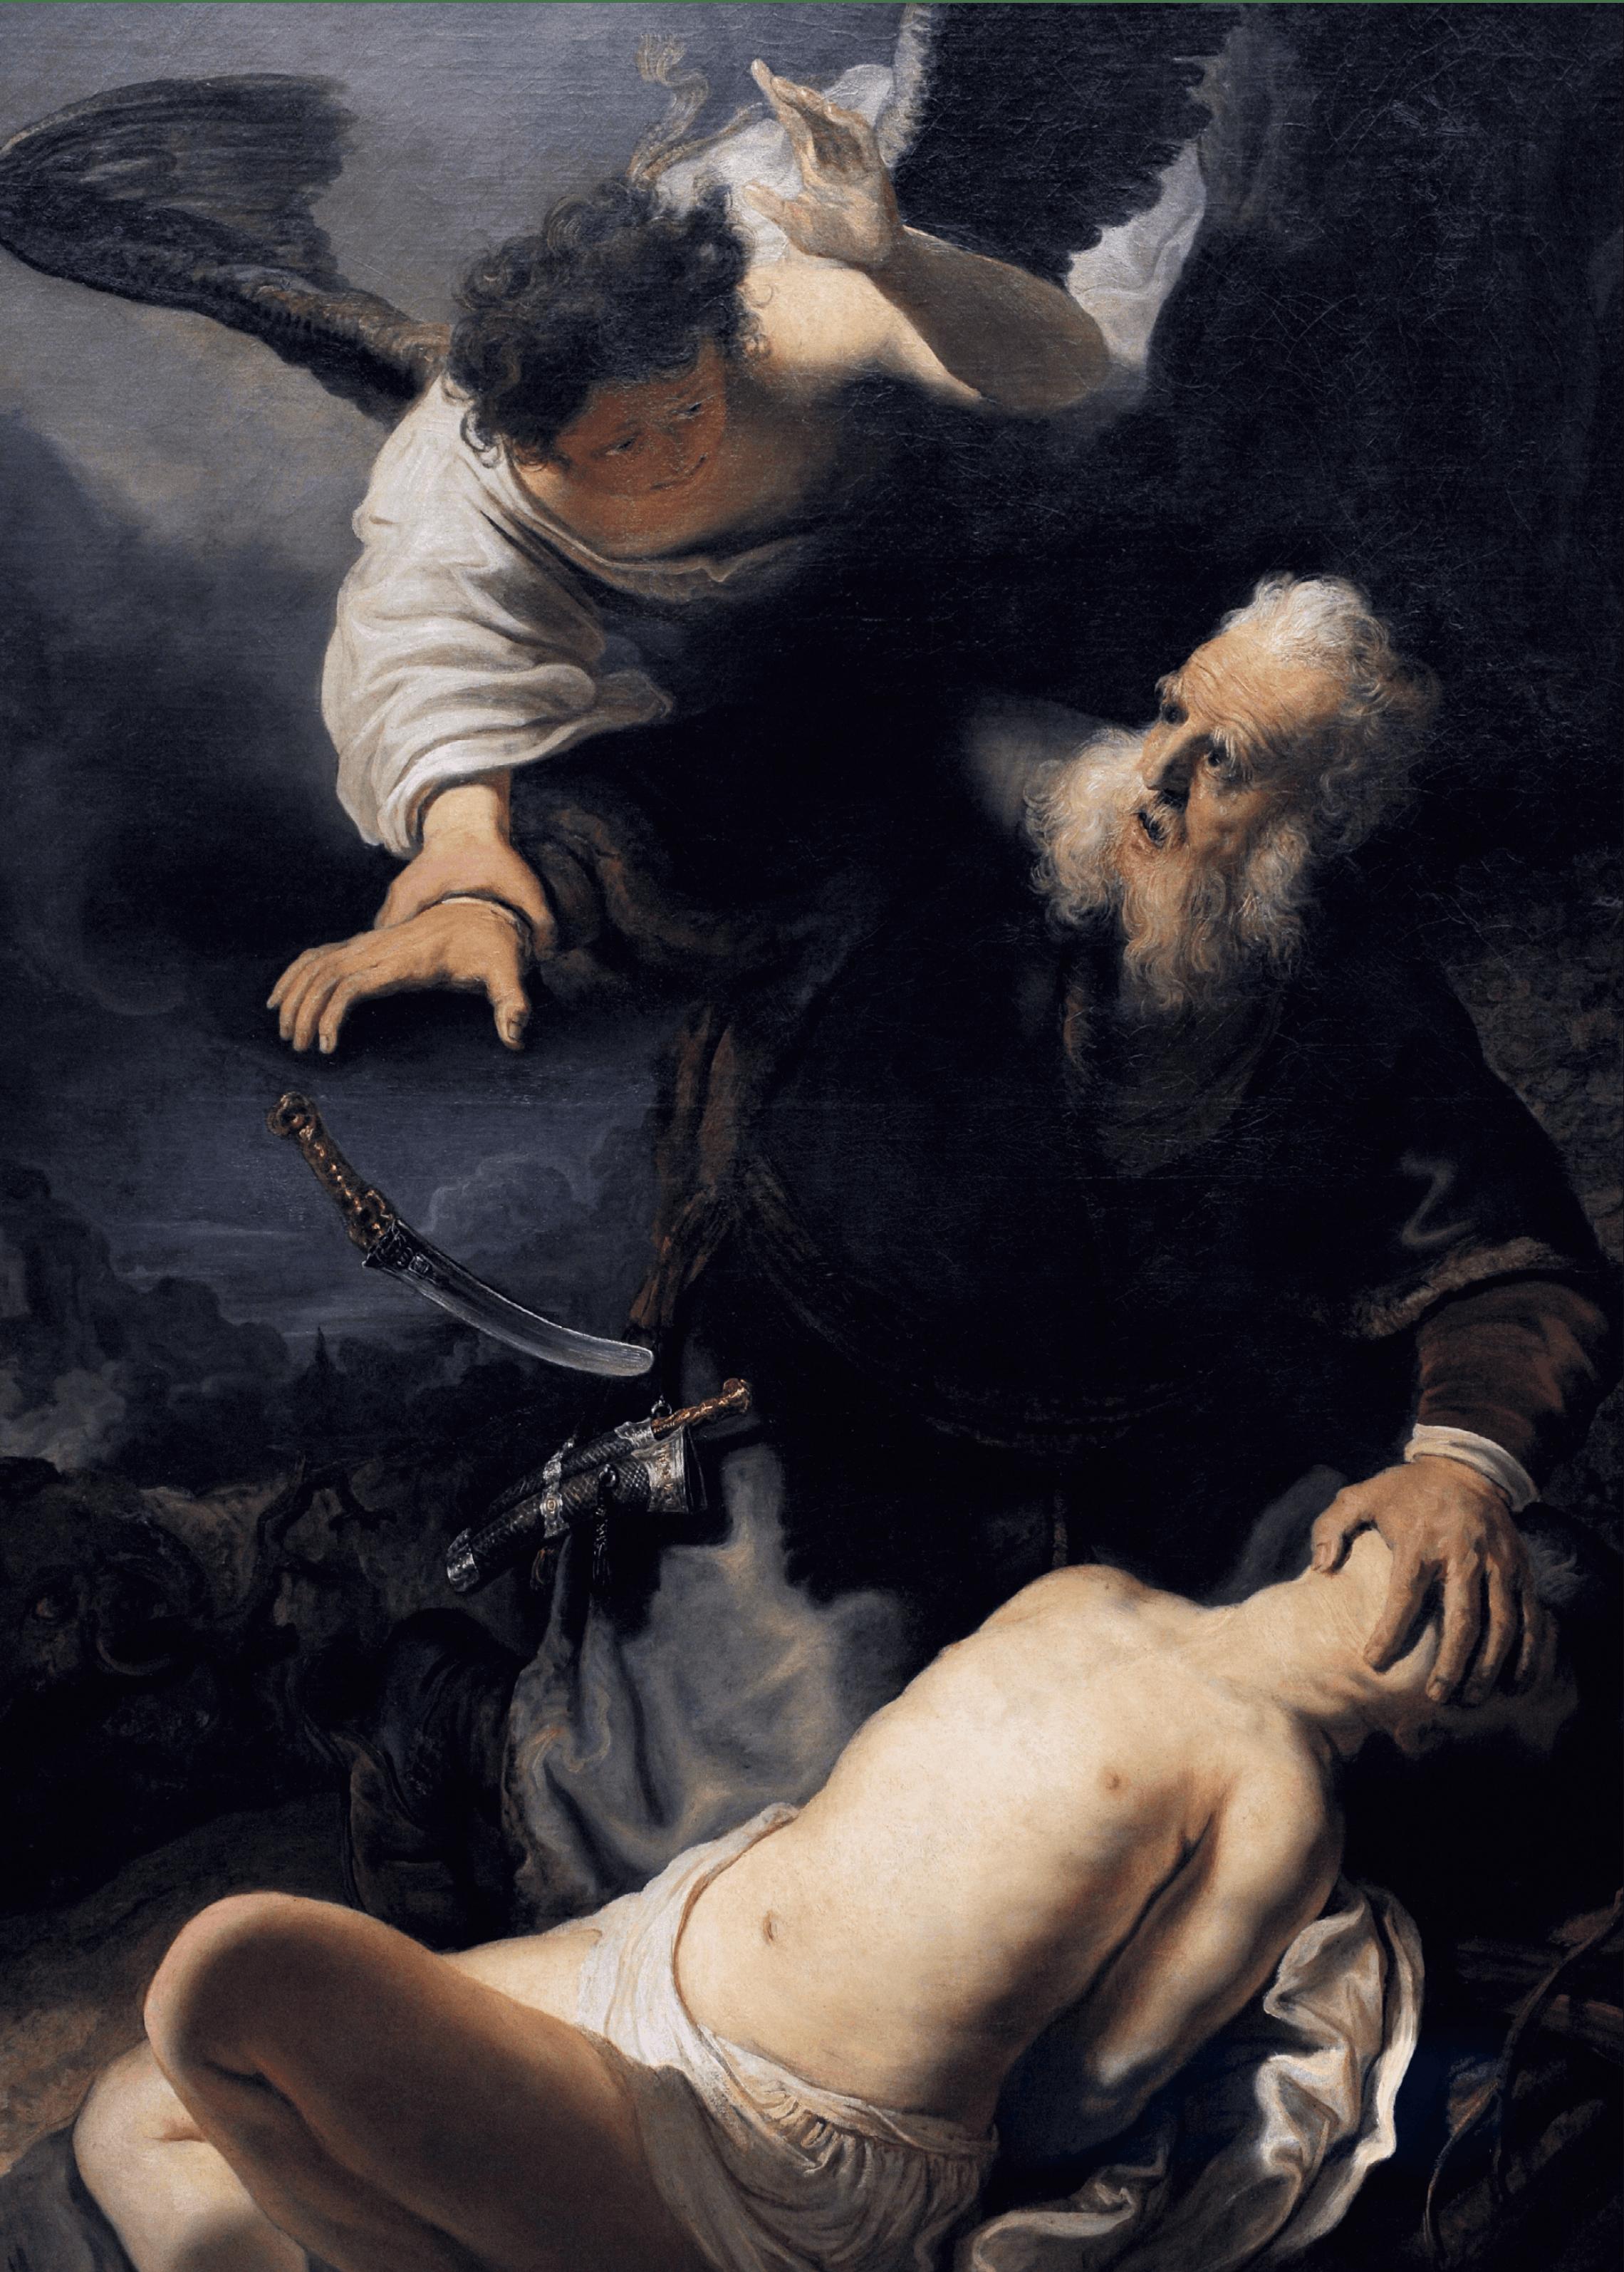 Rembrandt, Le Sacrifice d'Isaac, 1636, huile sur toile, 195 × 132,3 cm (Alte Pinakothek, Munich).